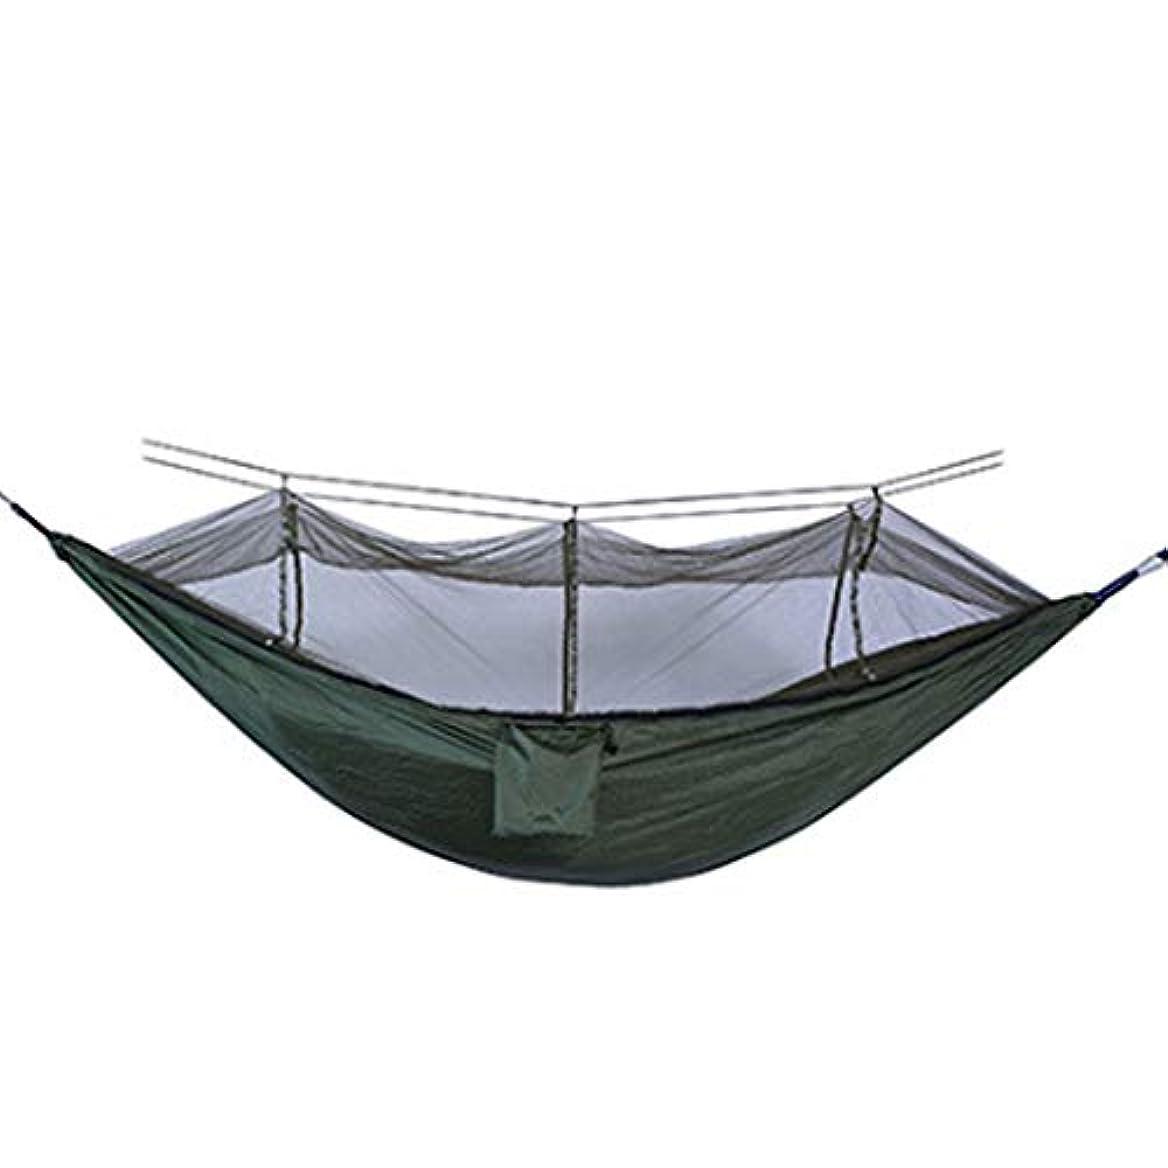 刻む脊椎過度の屋外のハンモック蚊帳210ナイロンパラシュート布ハンモック付き蚊帳屋内および屋外スイングハンモック